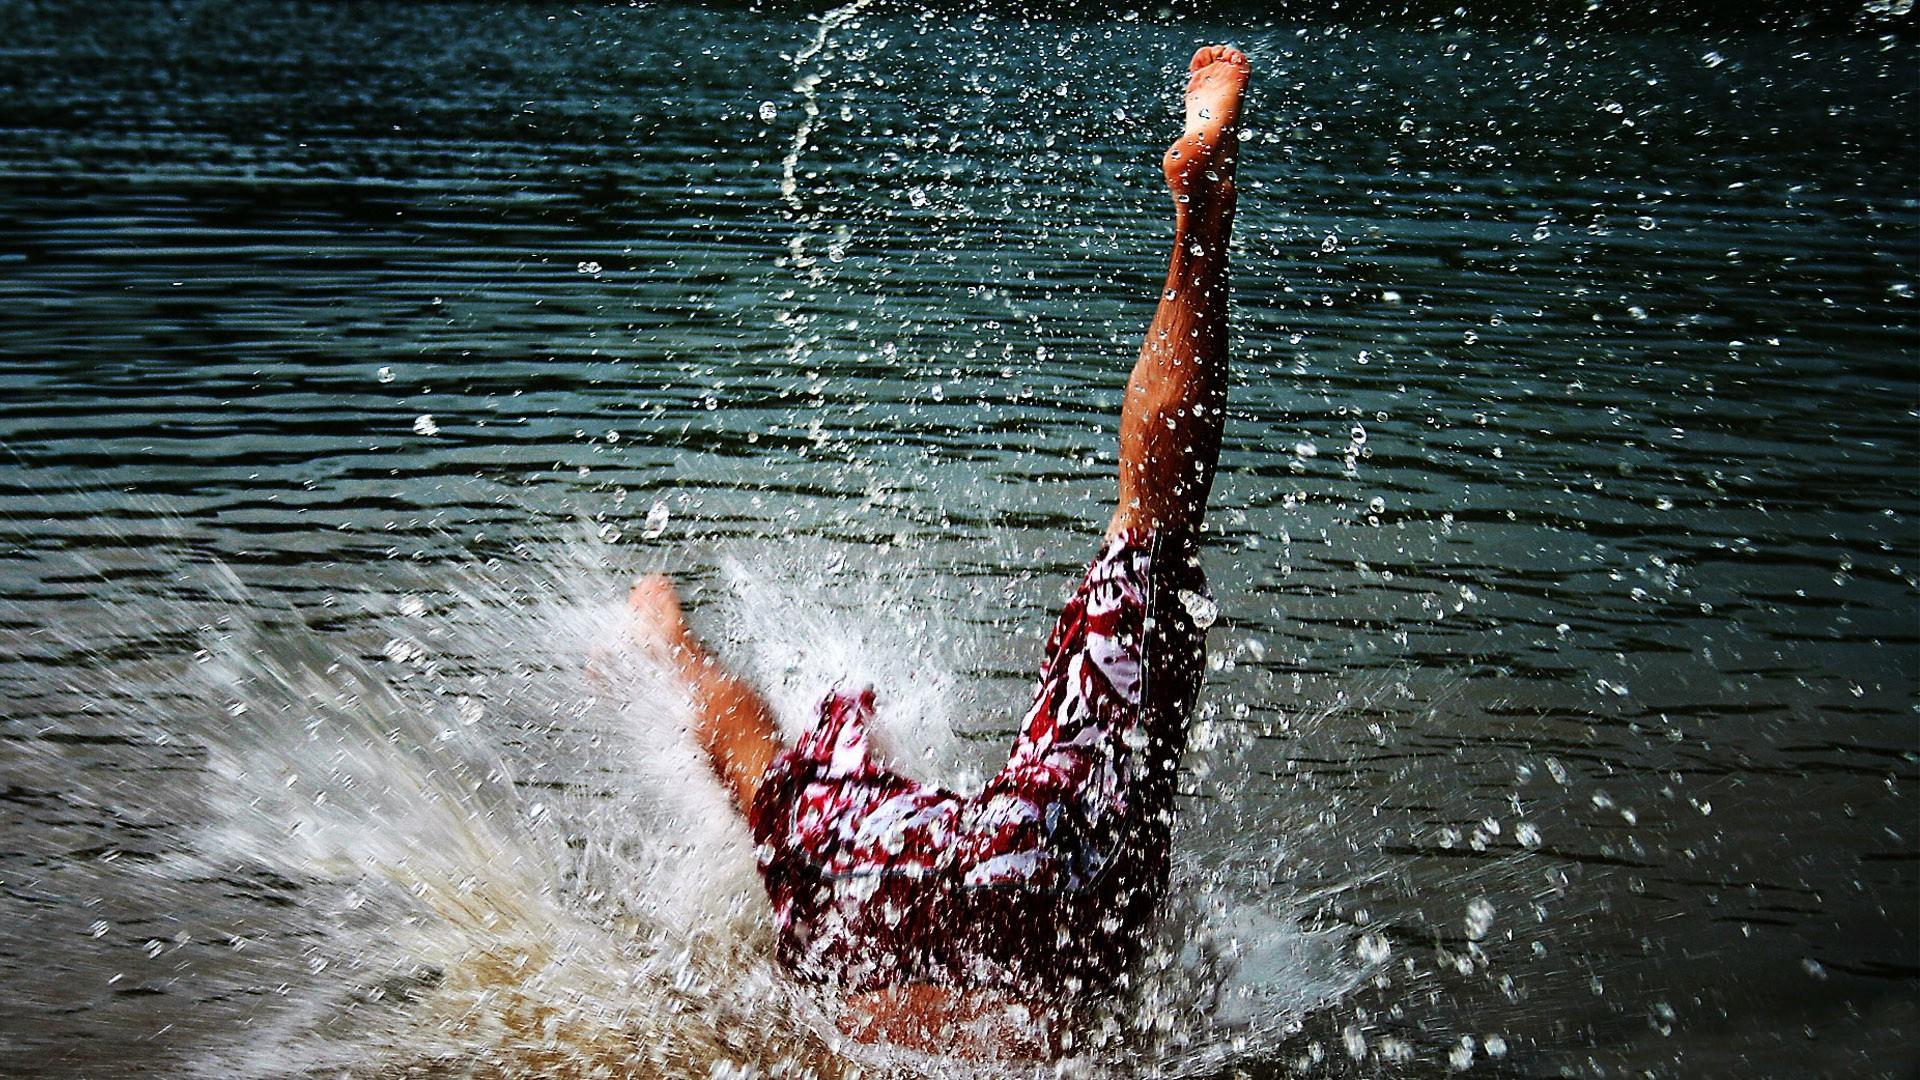 самом картинки где человек в воде надеть юбку она